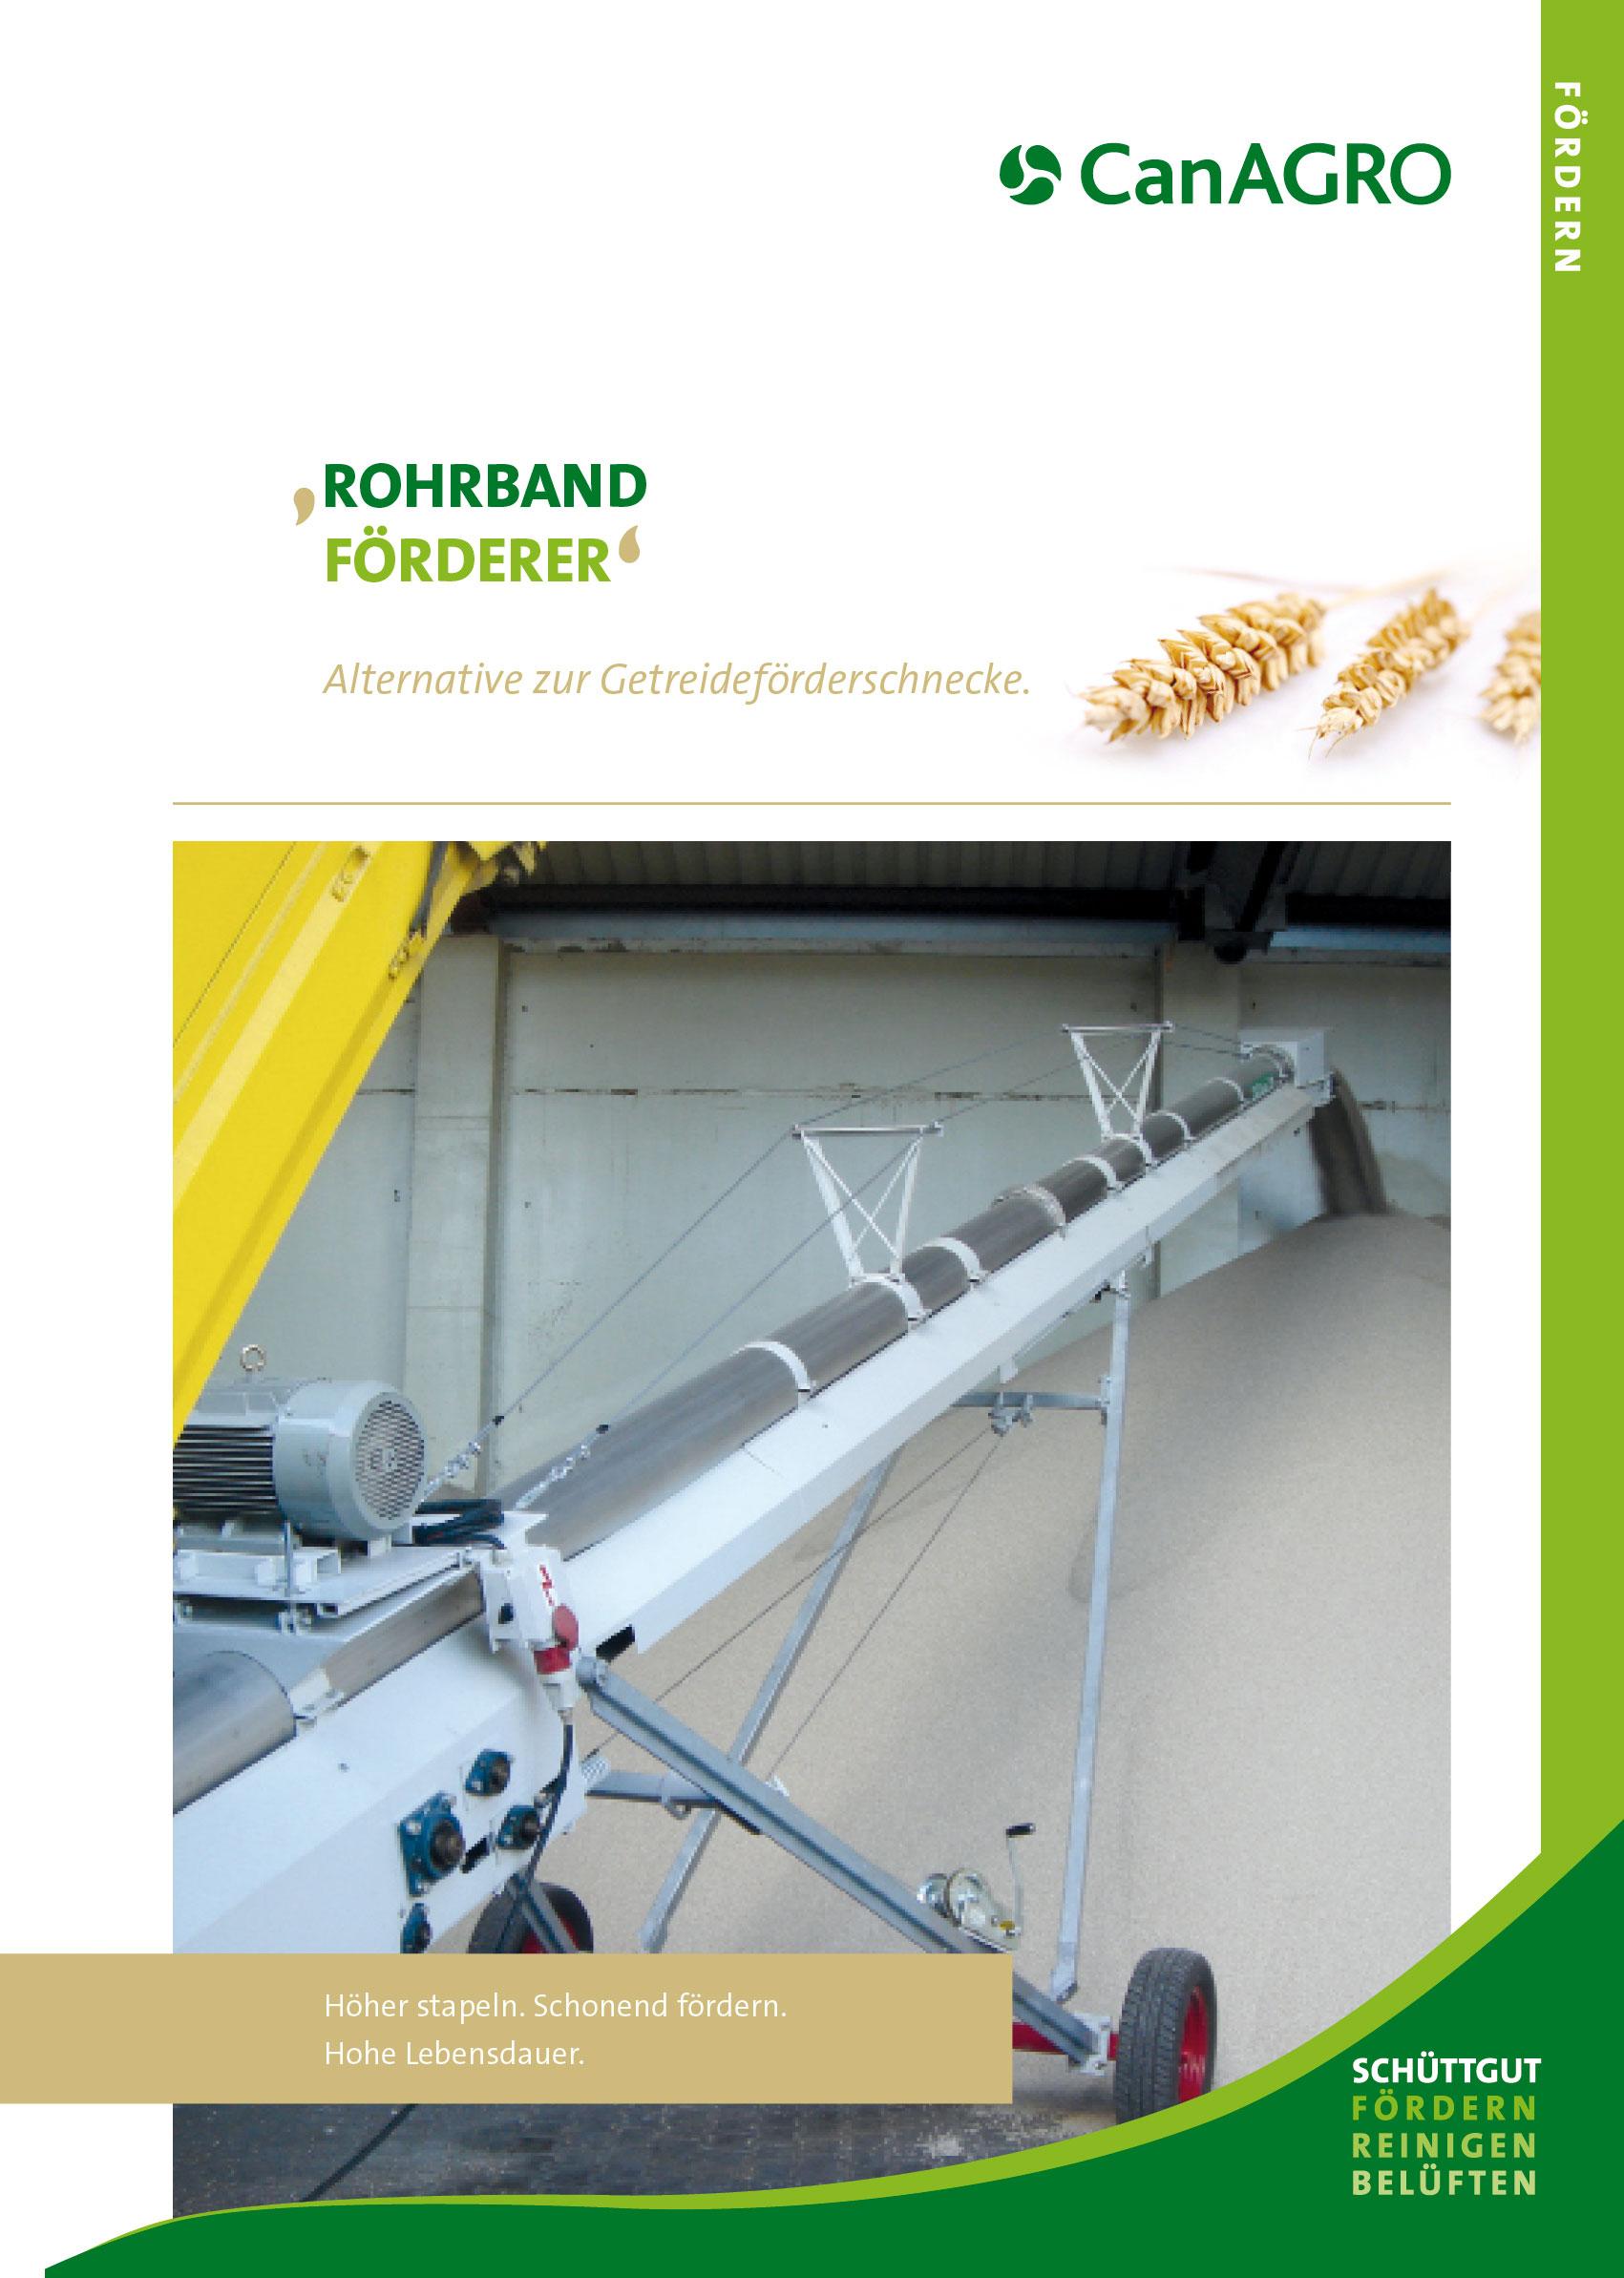 CanAGRO - PDF: Rohrbandförderer - deutsch